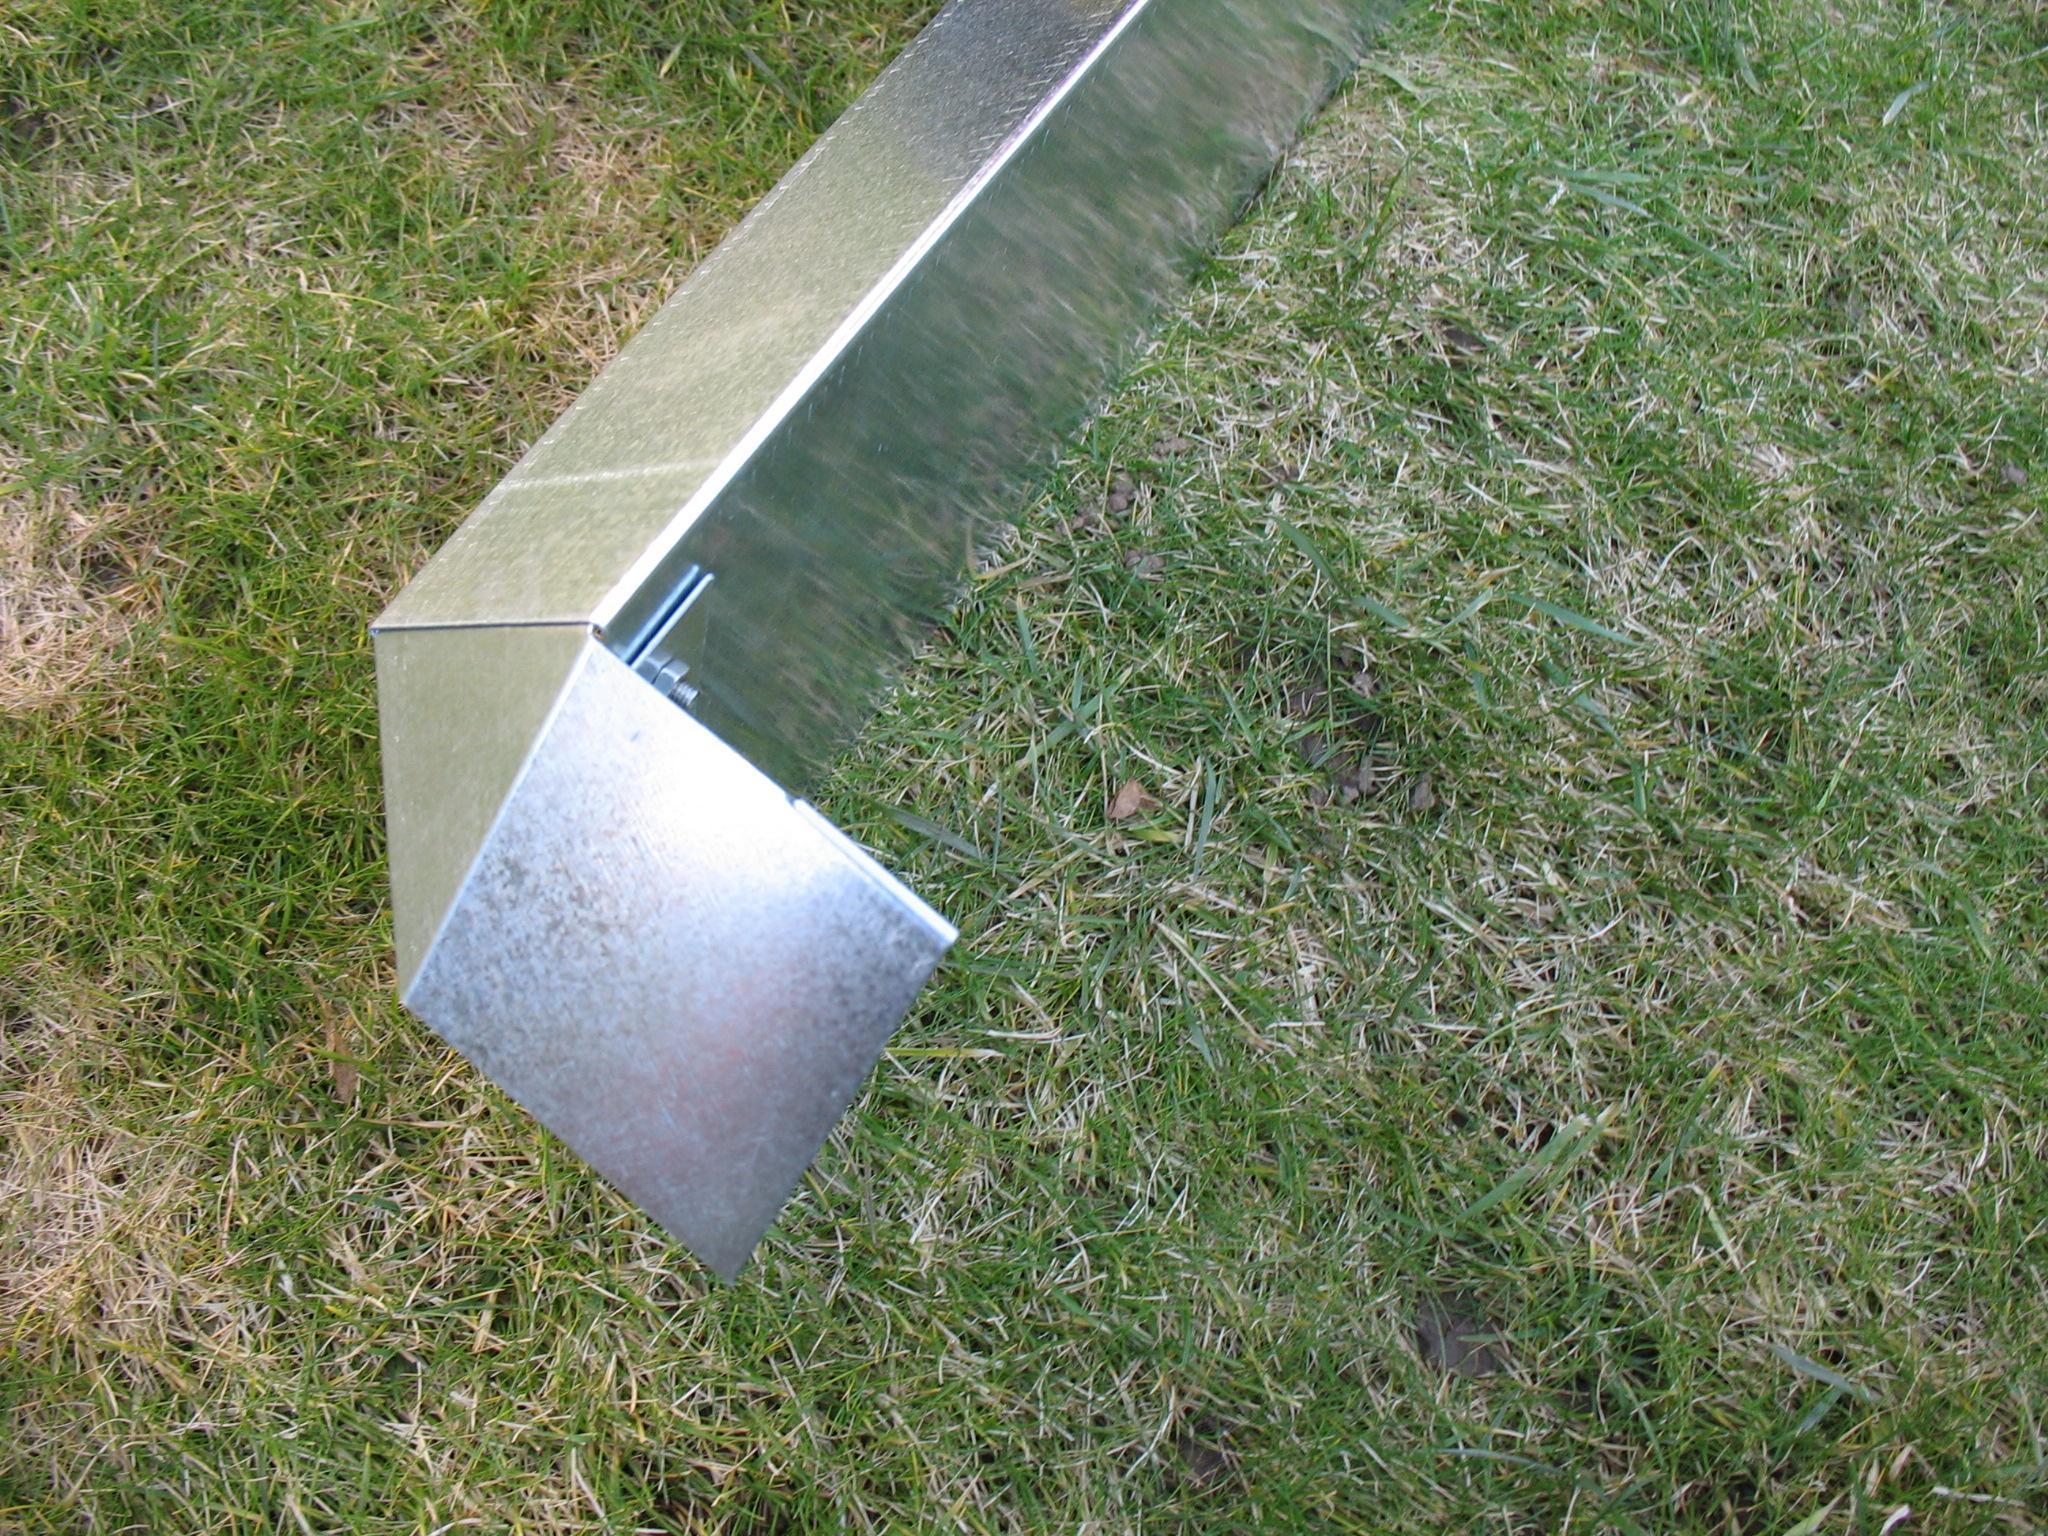 schneckenzaun schutz metall f r beet max 6qm 10 bleche 4. Black Bedroom Furniture Sets. Home Design Ideas